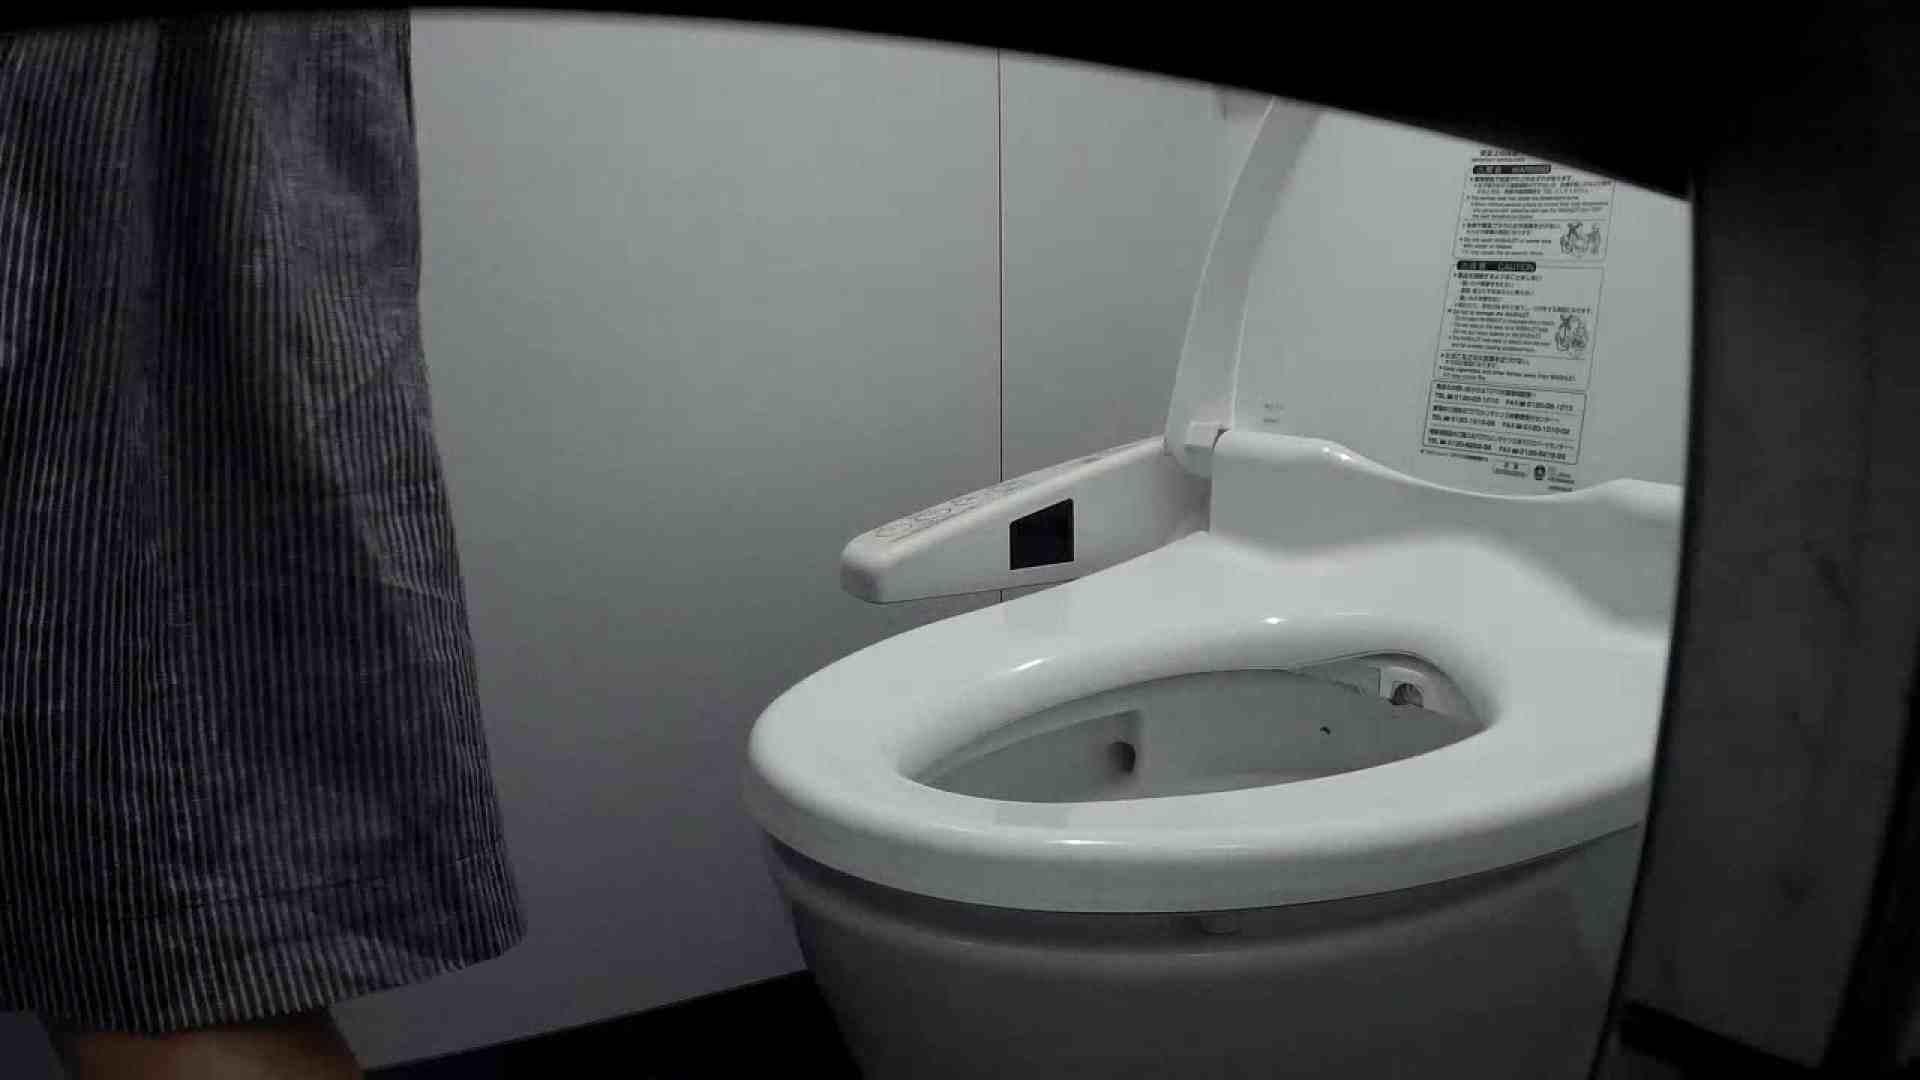 某有名大学女性洗面所 vol.34 今回は、2カメでばっちりいっちゃいました。 潜入 | 高画質  84画像 73